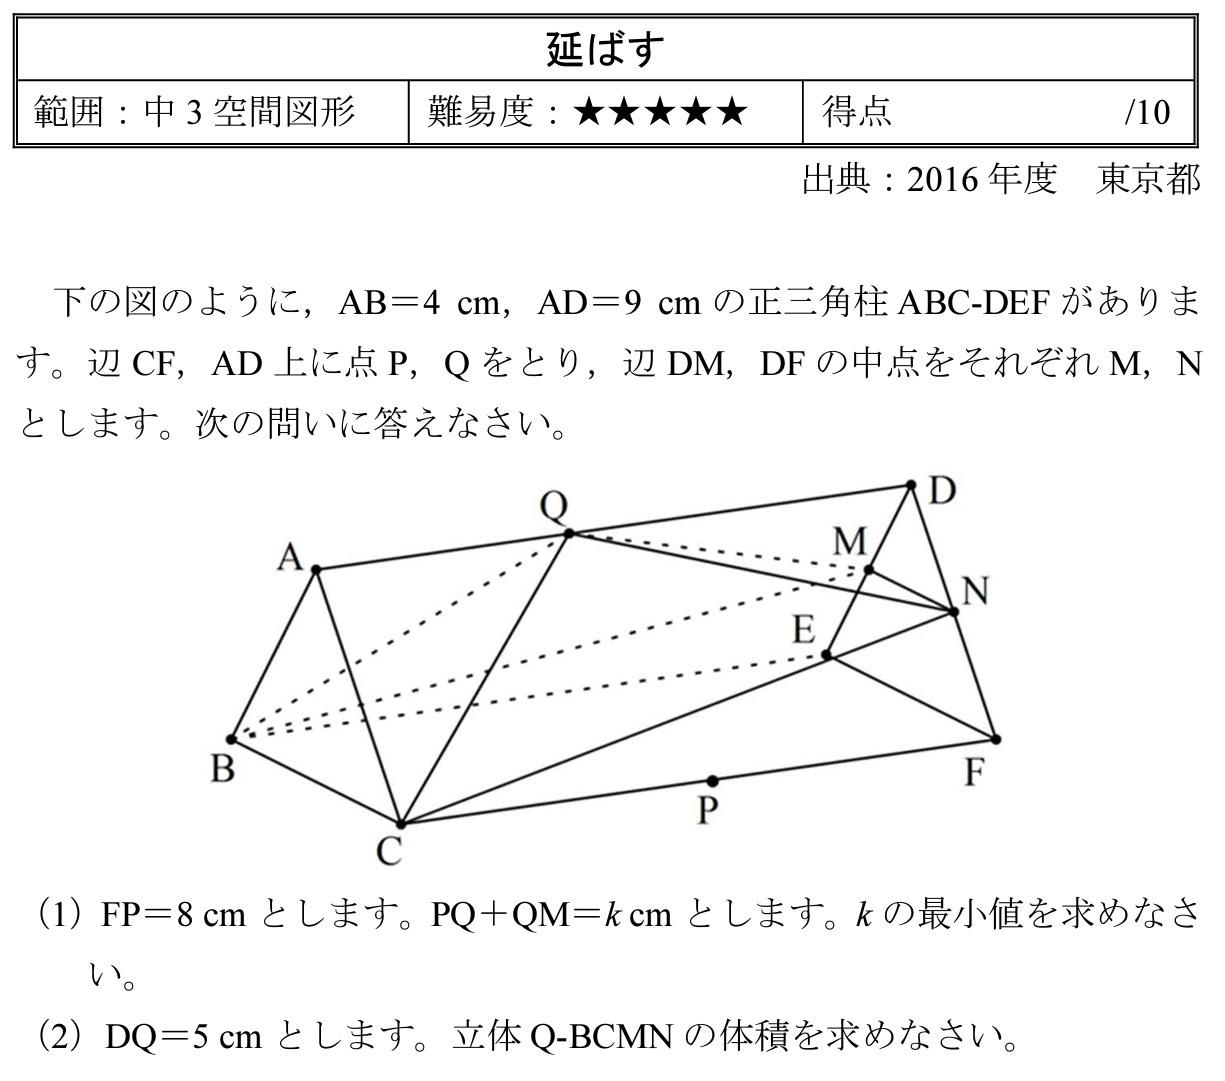 tokyo20161.jpg